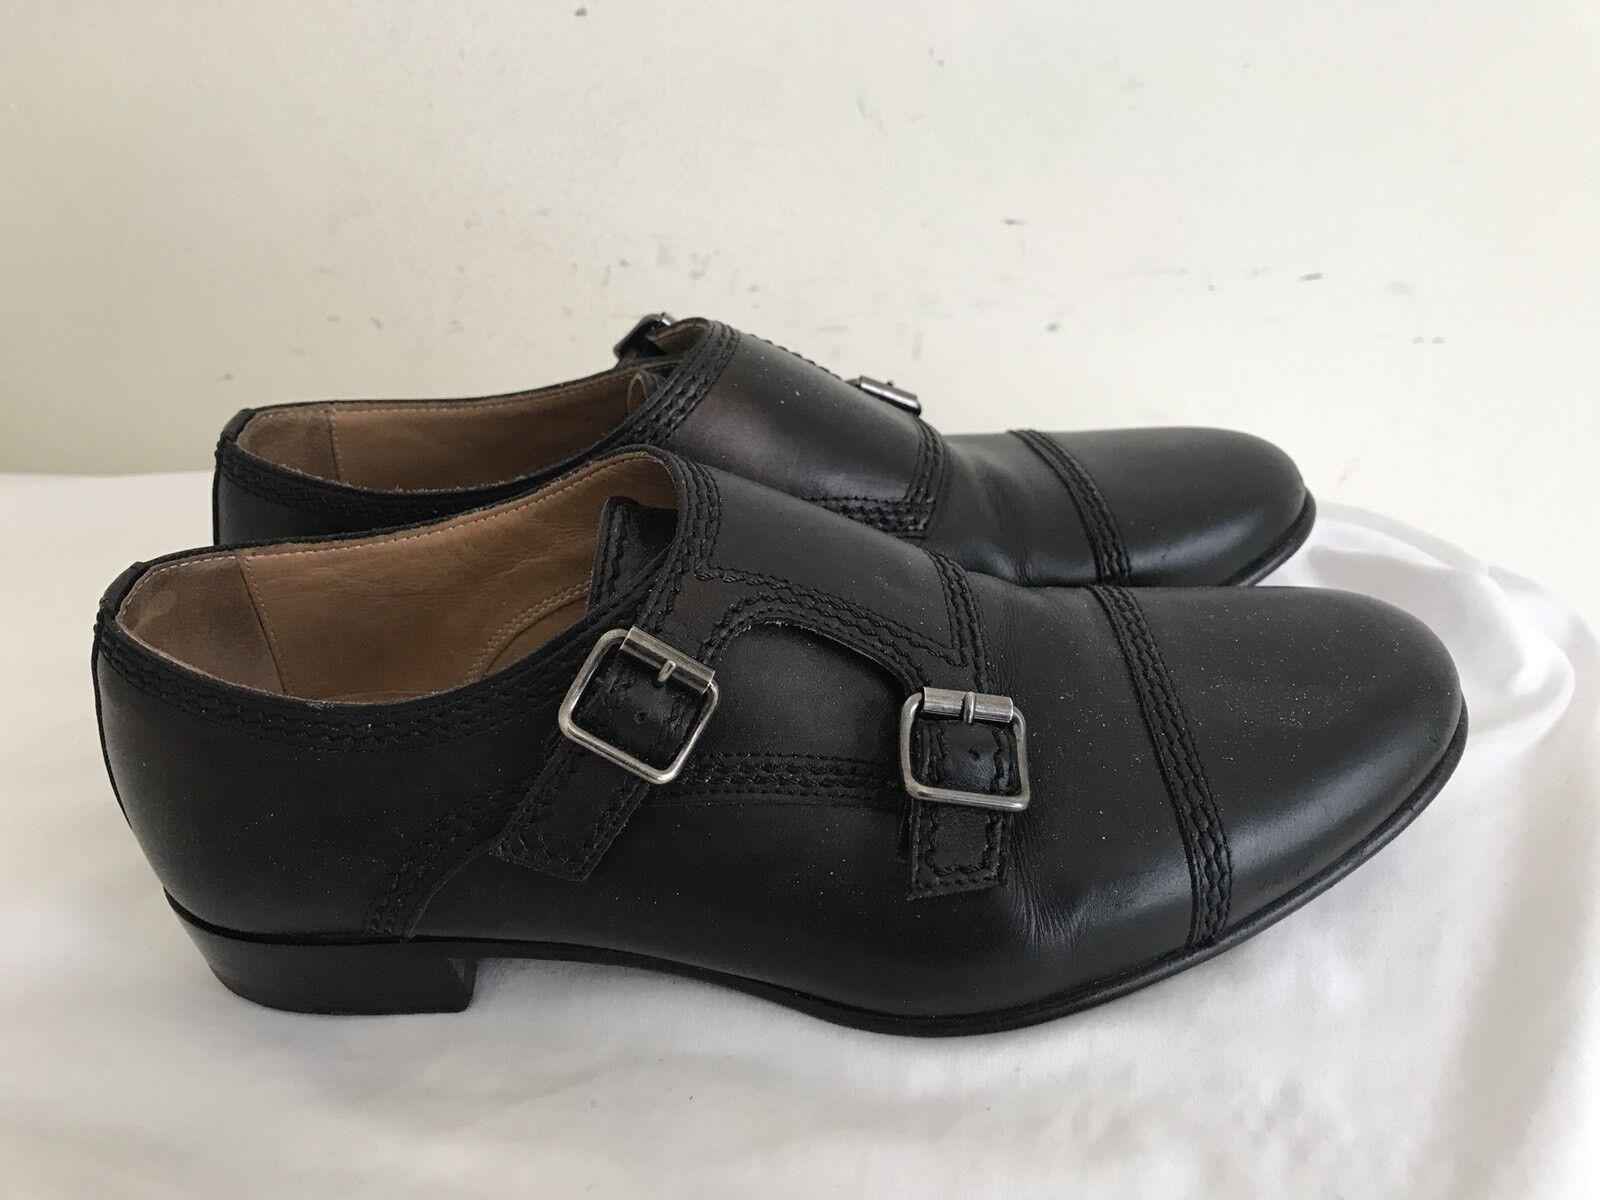 godendo i tuoi acquisti Lanvin nero Leather  Monk Monk Monk Strap Cap Toe Oxfords SZ 37 1 2   offerta speciale